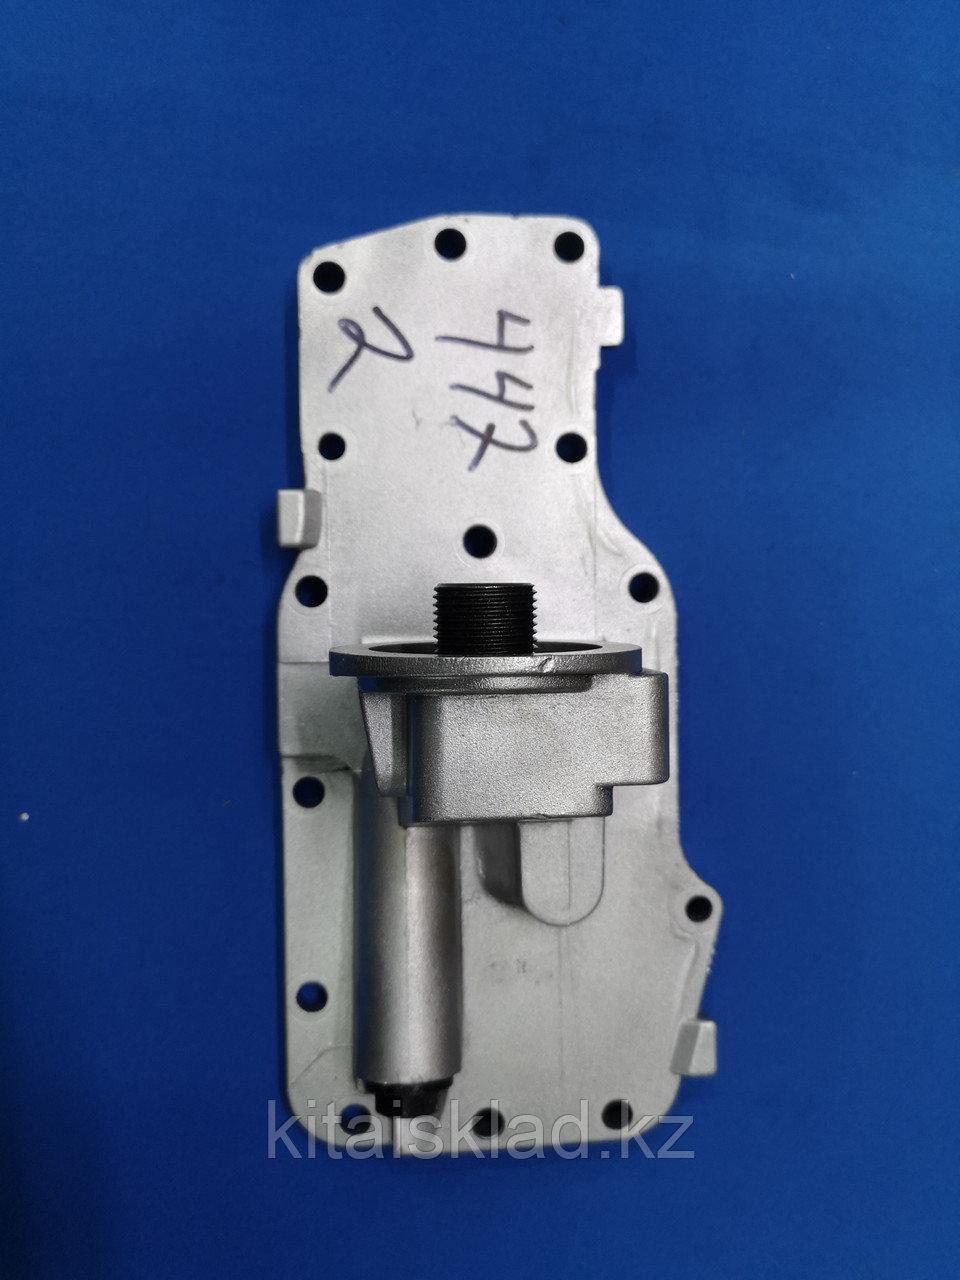 Головка маслоохладителя (кронштейн масляного фильтра) 4931572, 4931567, 4931570, 4929530 6ISBe